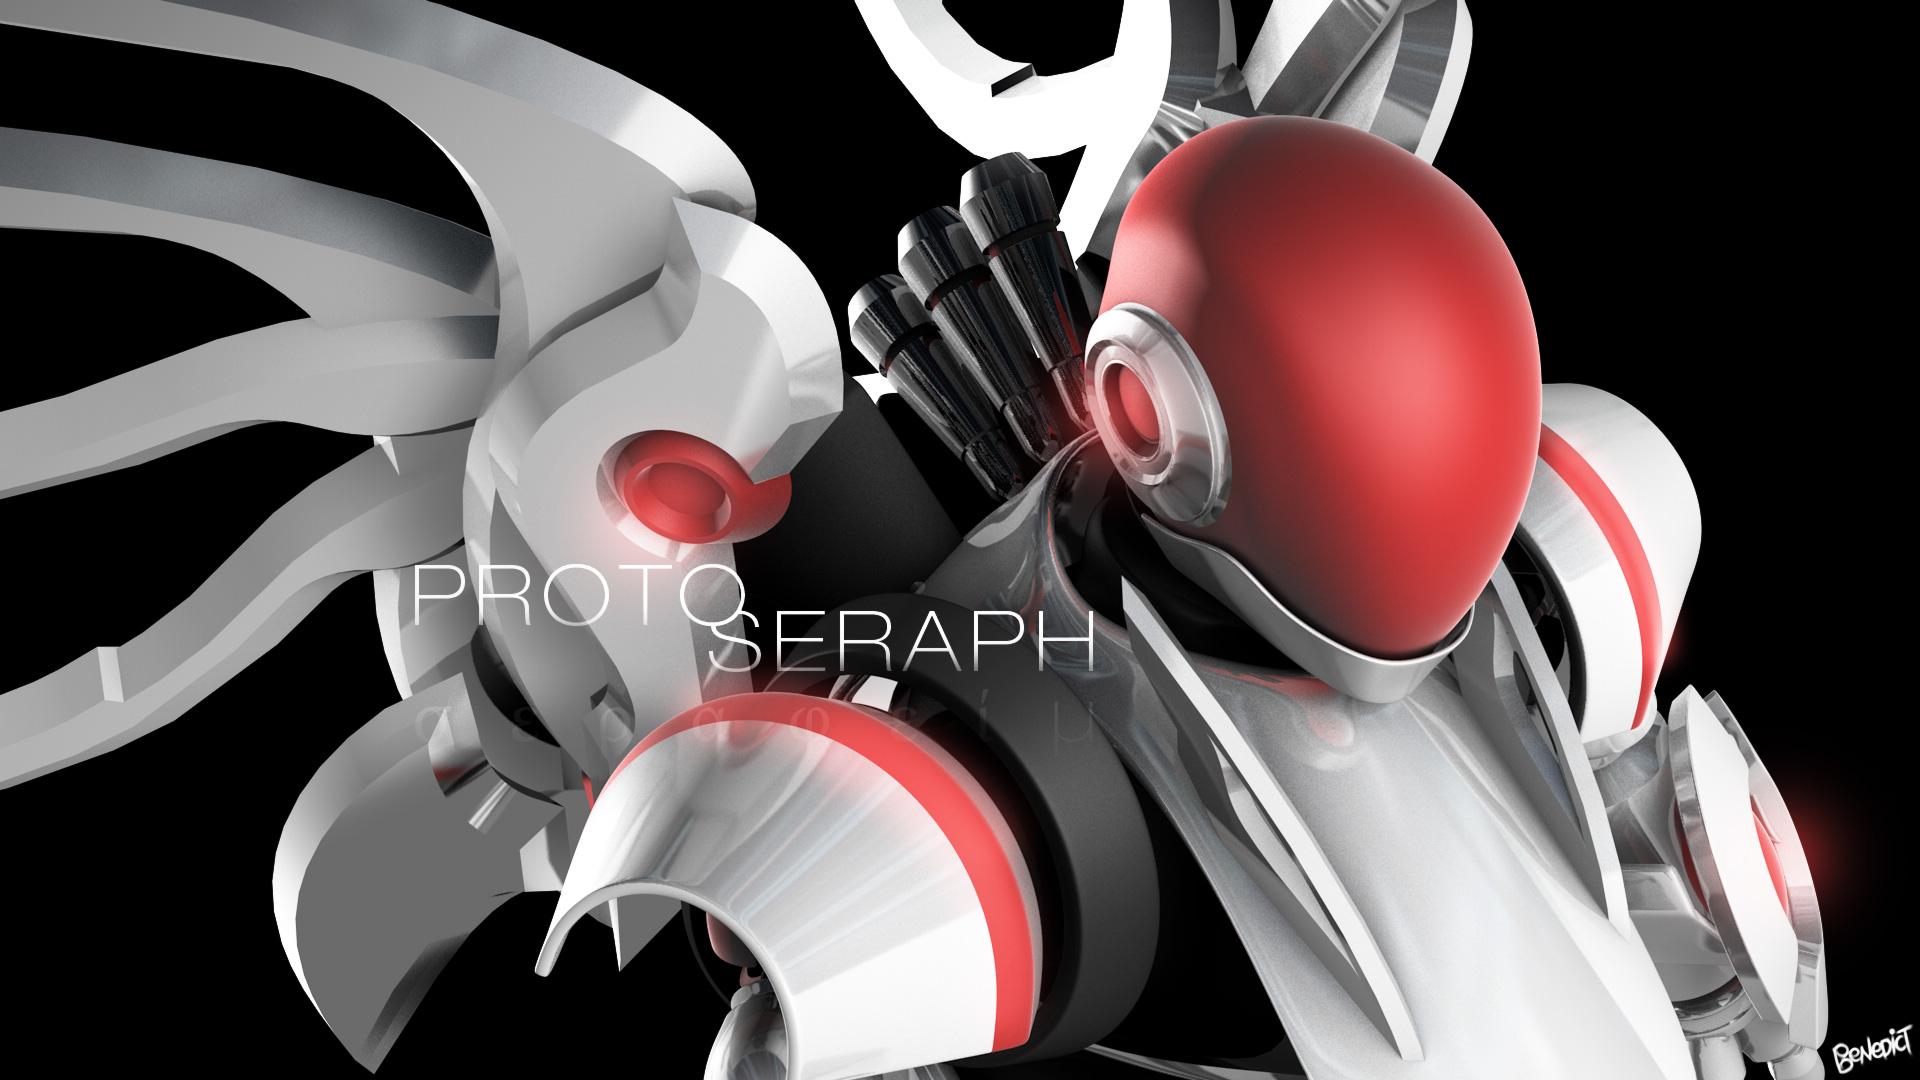 Proto Seraph 2 by ben-aji